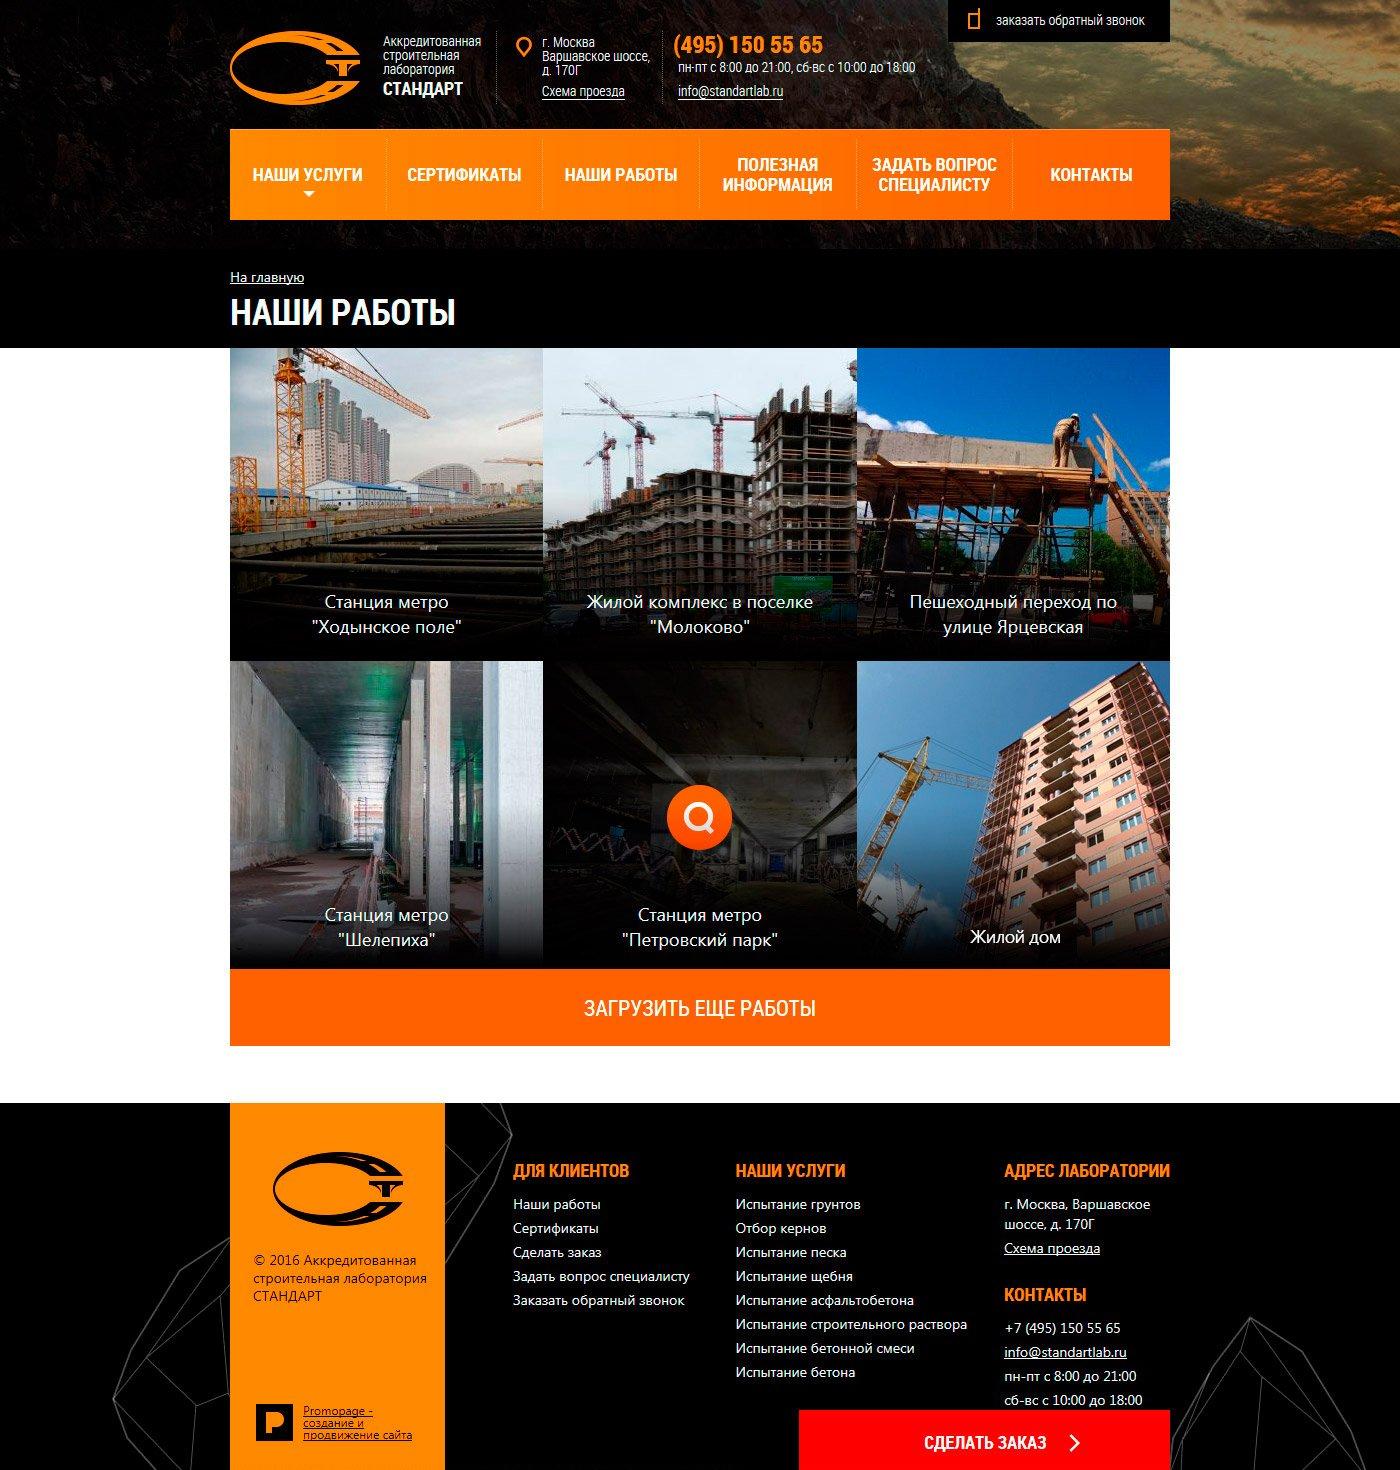 Страница Наши работы на сайте аккредитованной строительной лаборатории СТАНДАРТ